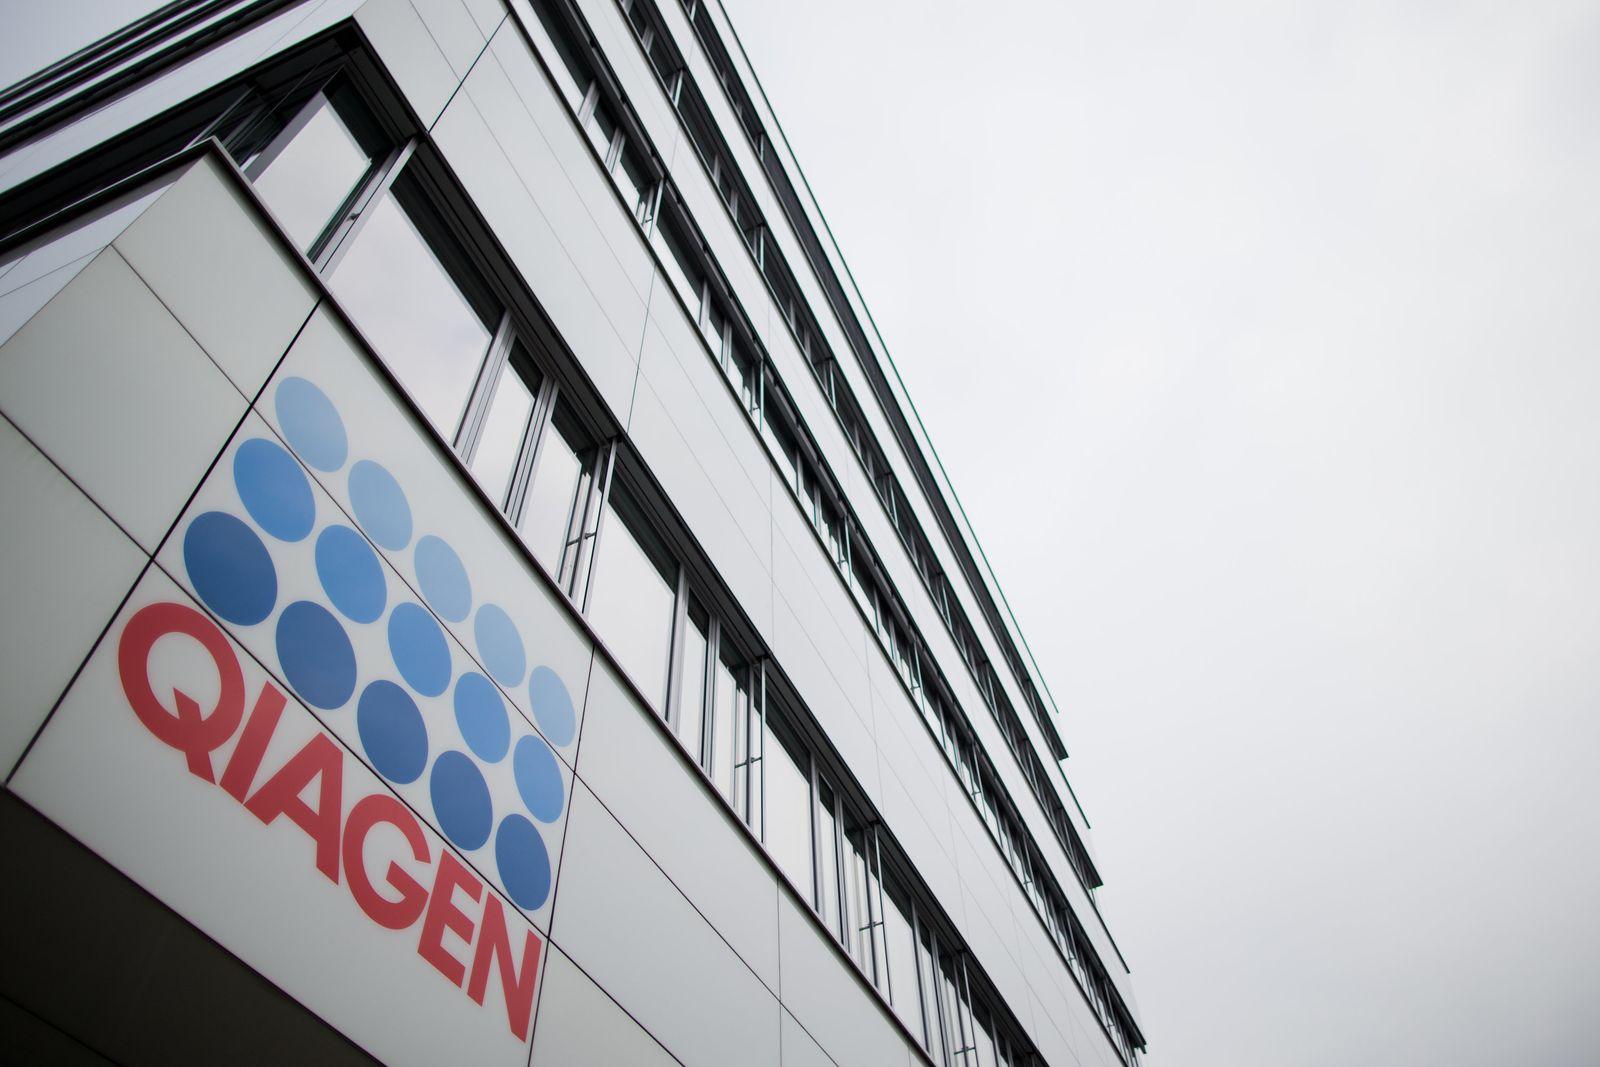 Diagnosespezialist Qiagen bleibt eigenständig